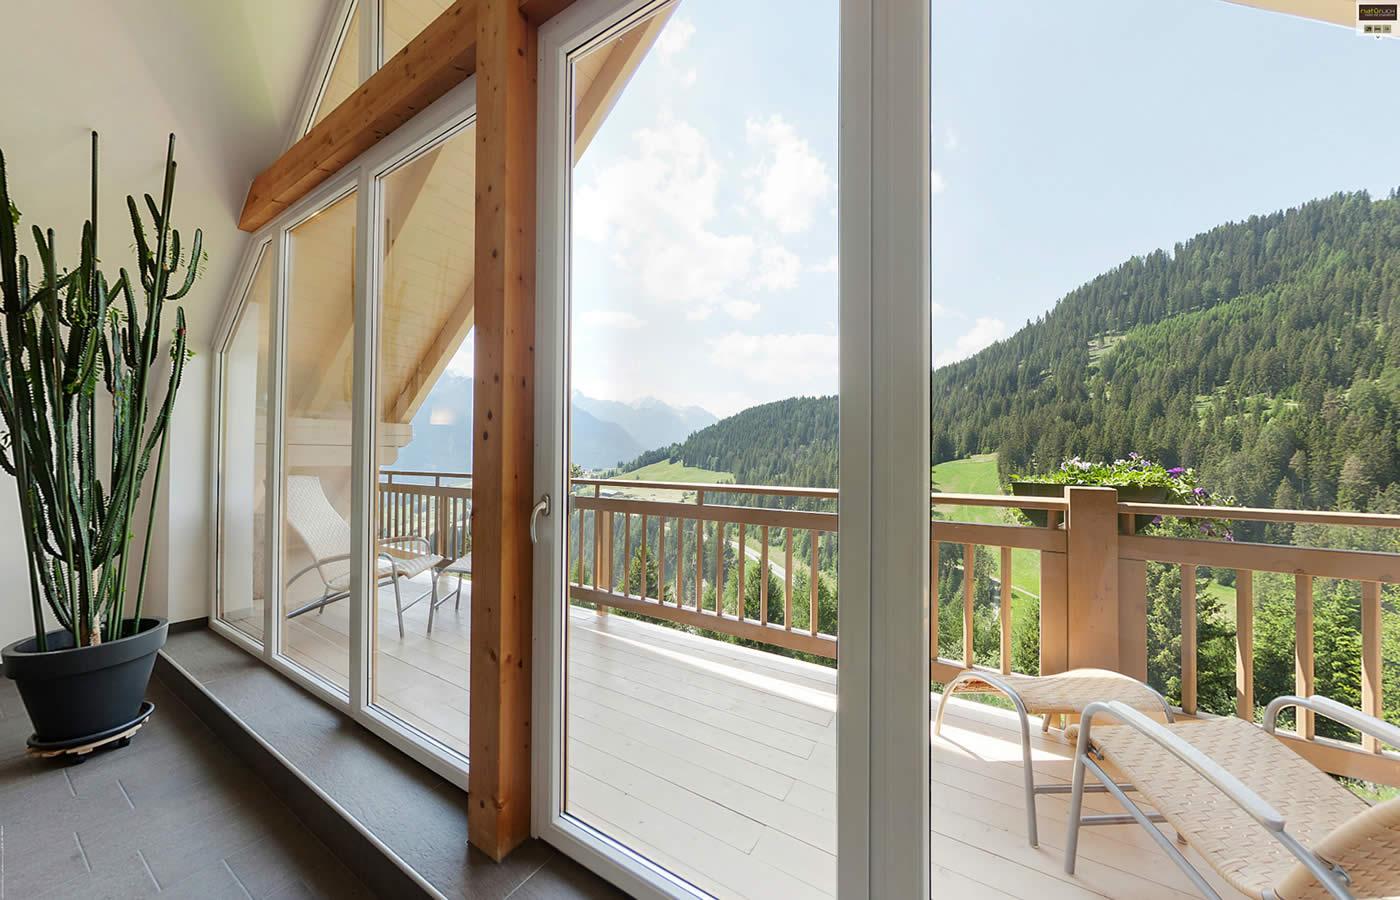 Aussicht Hotel Ruheraum - Sommer-Entspannung in Serfaus-Fiss-Ladis - Tirol.